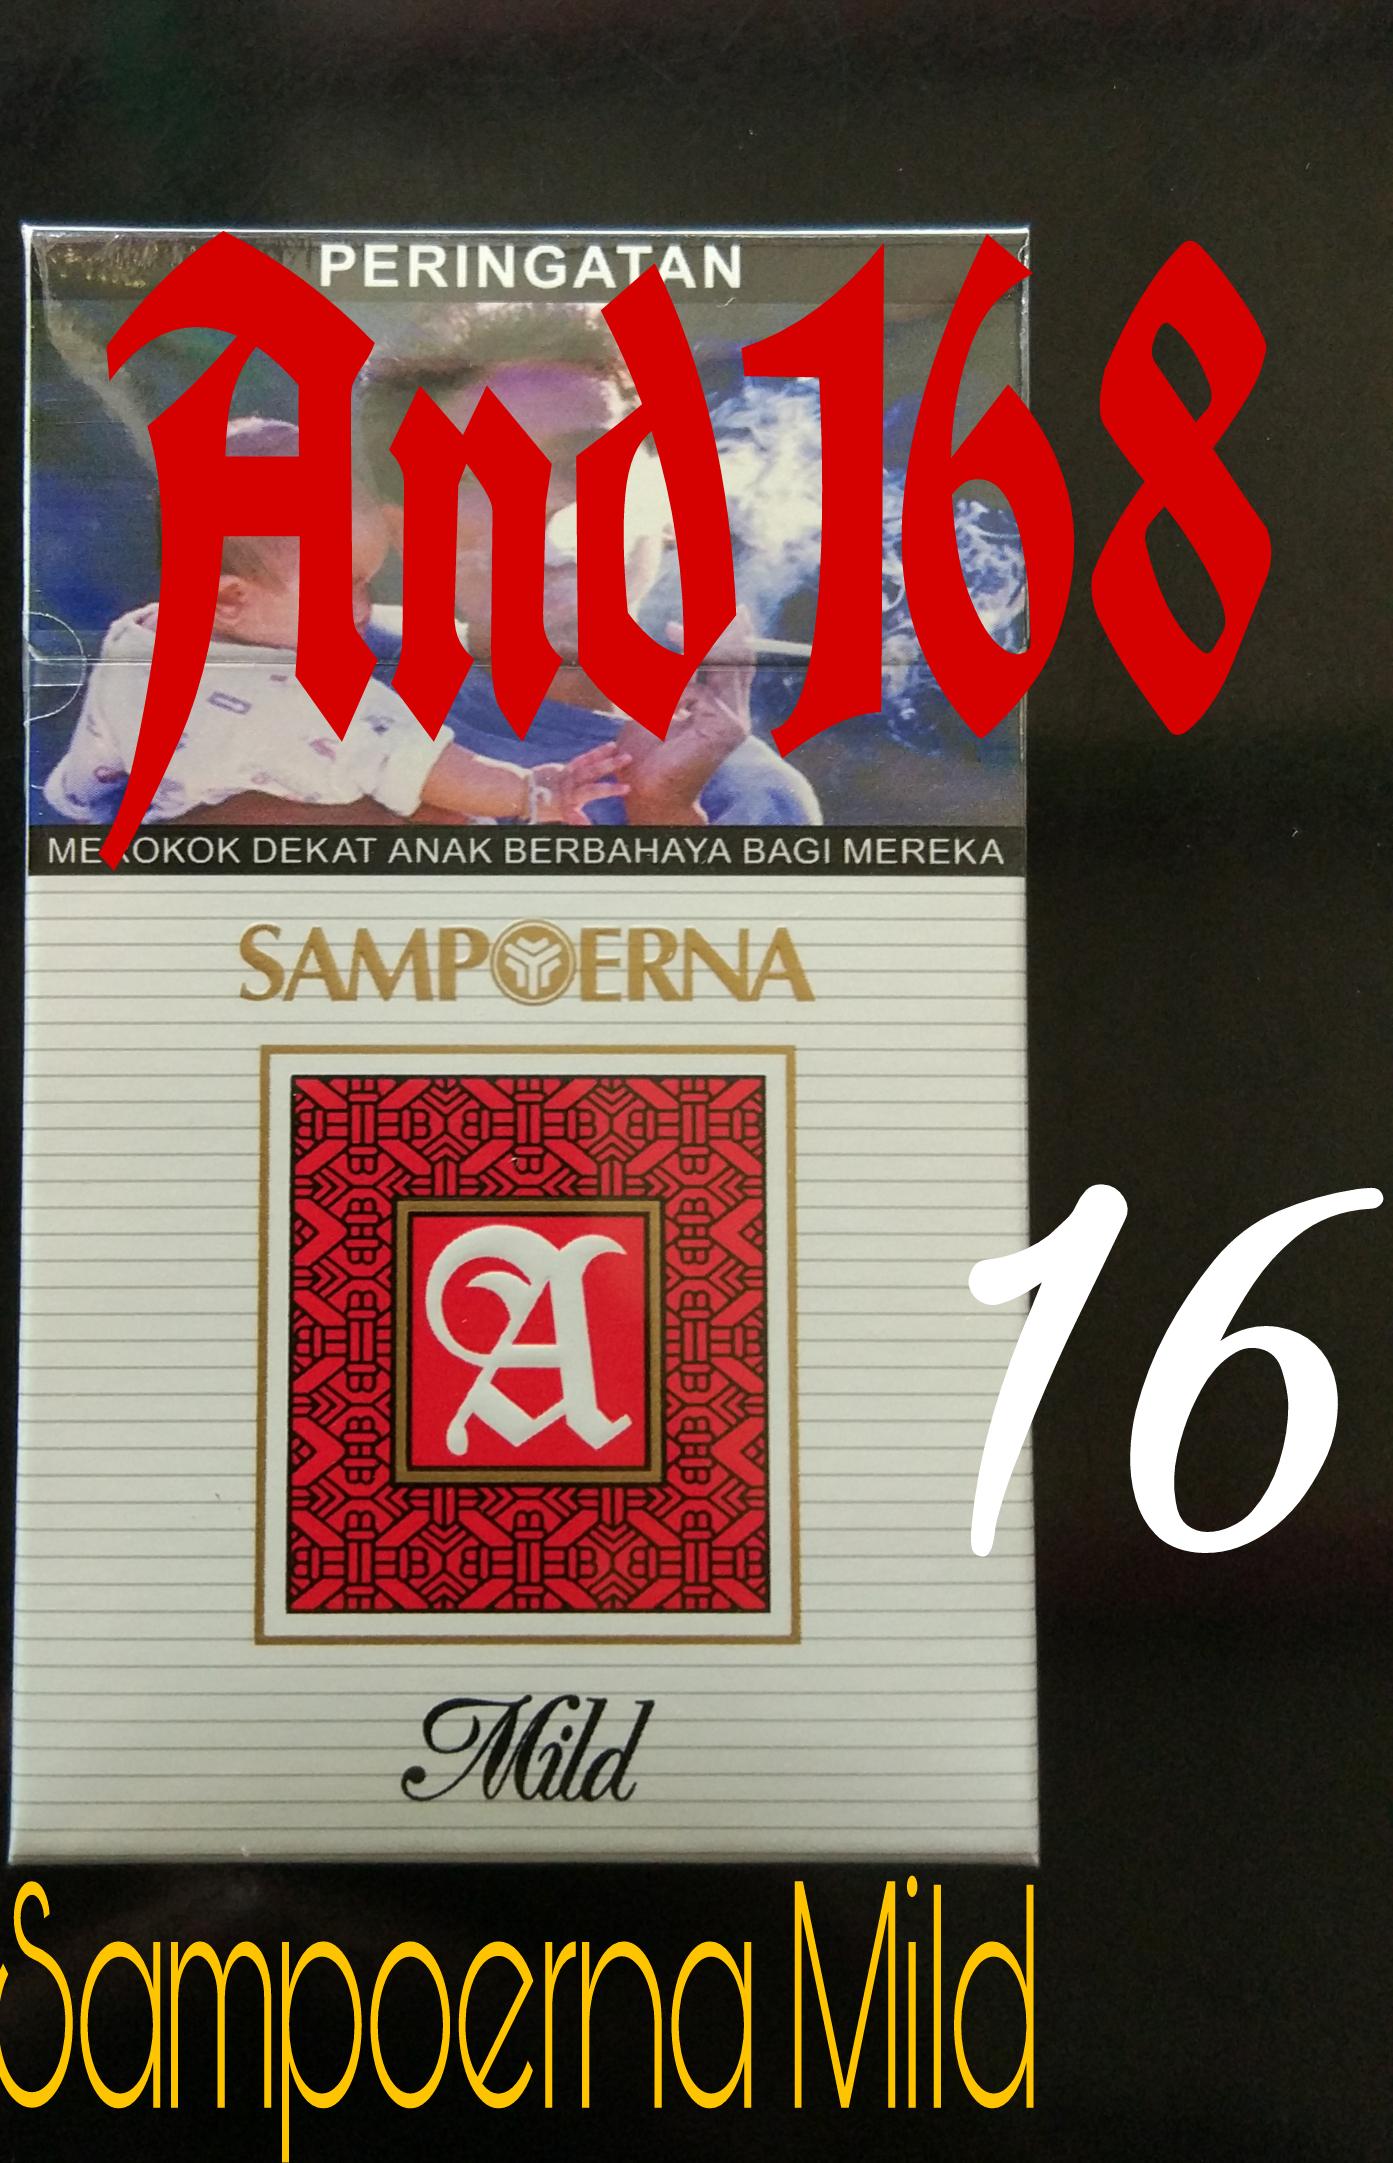 Jual Rokok Sampoerna Mild 16 Sampurna Mil Isi And168 Tokopedia Batang